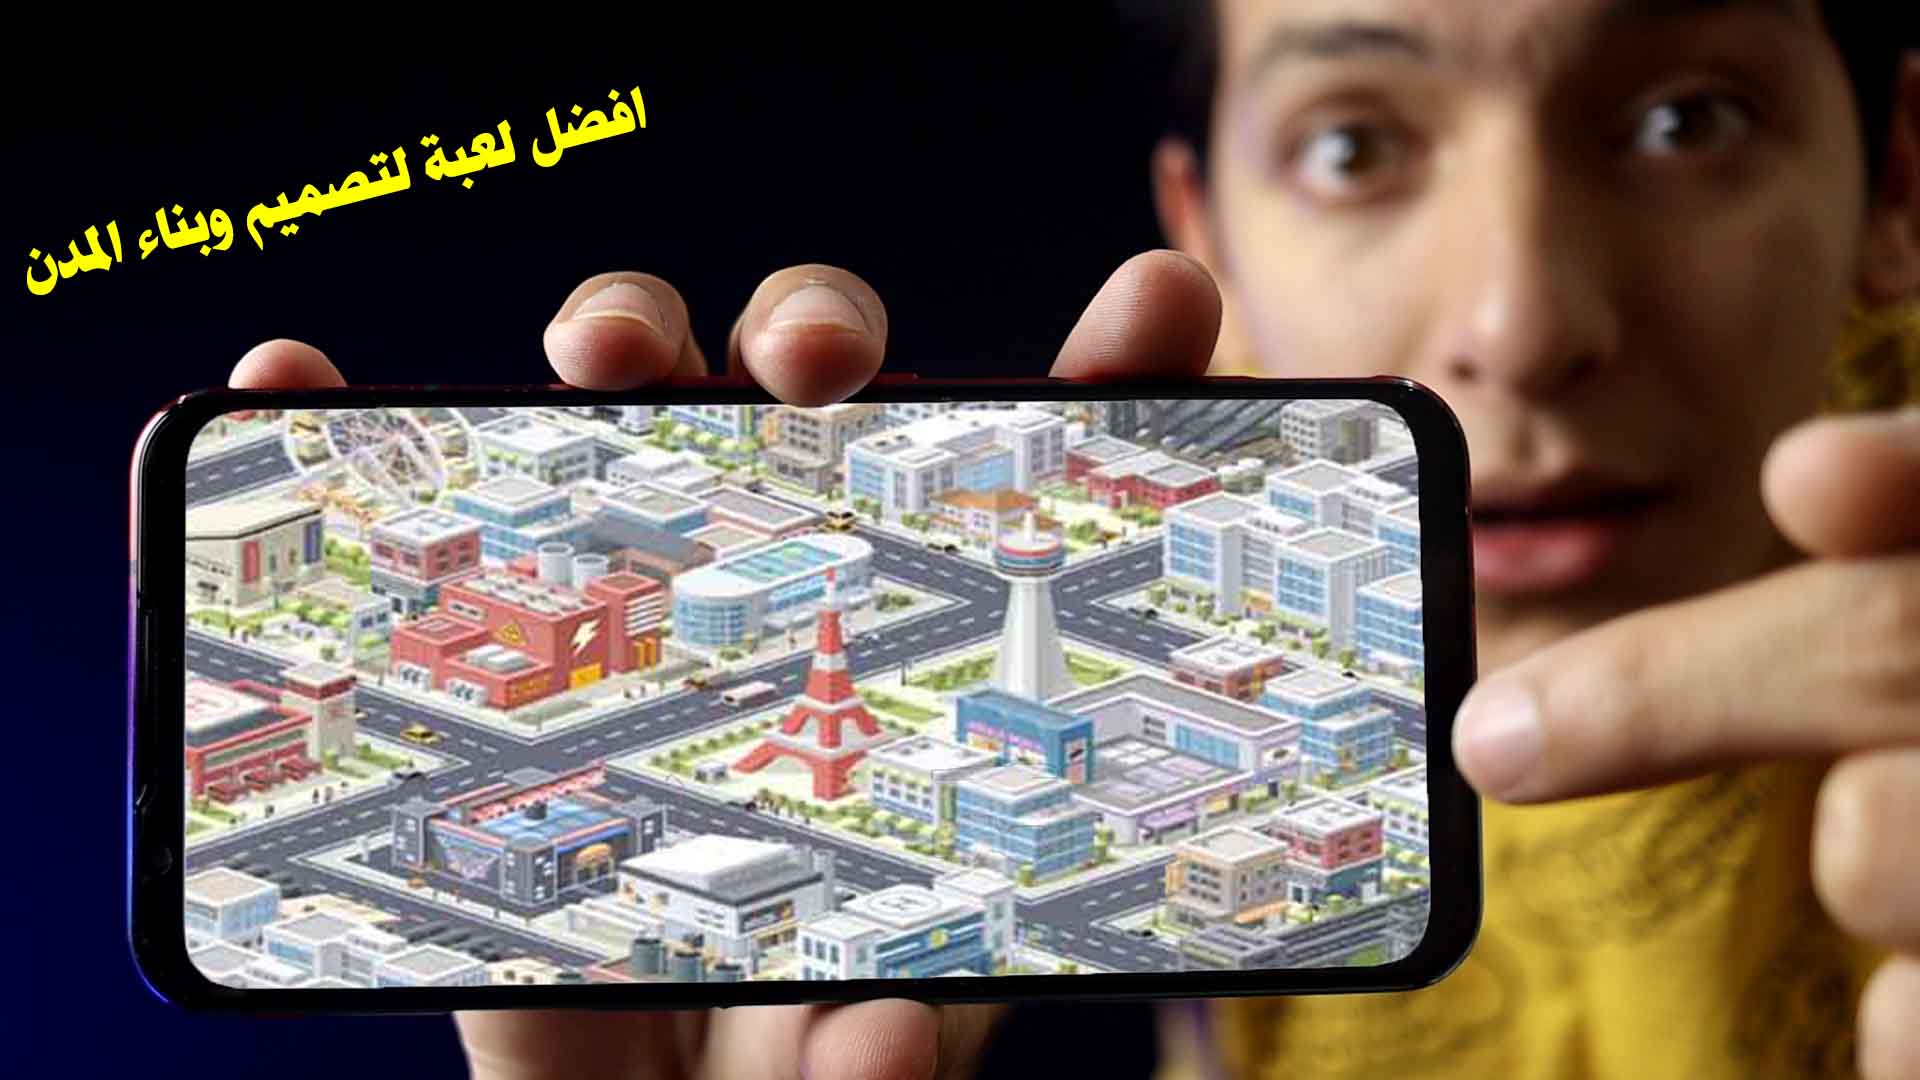 تحميل افضل العاب تصميم وبناء المدن للاندرويد (Pocket City Free)